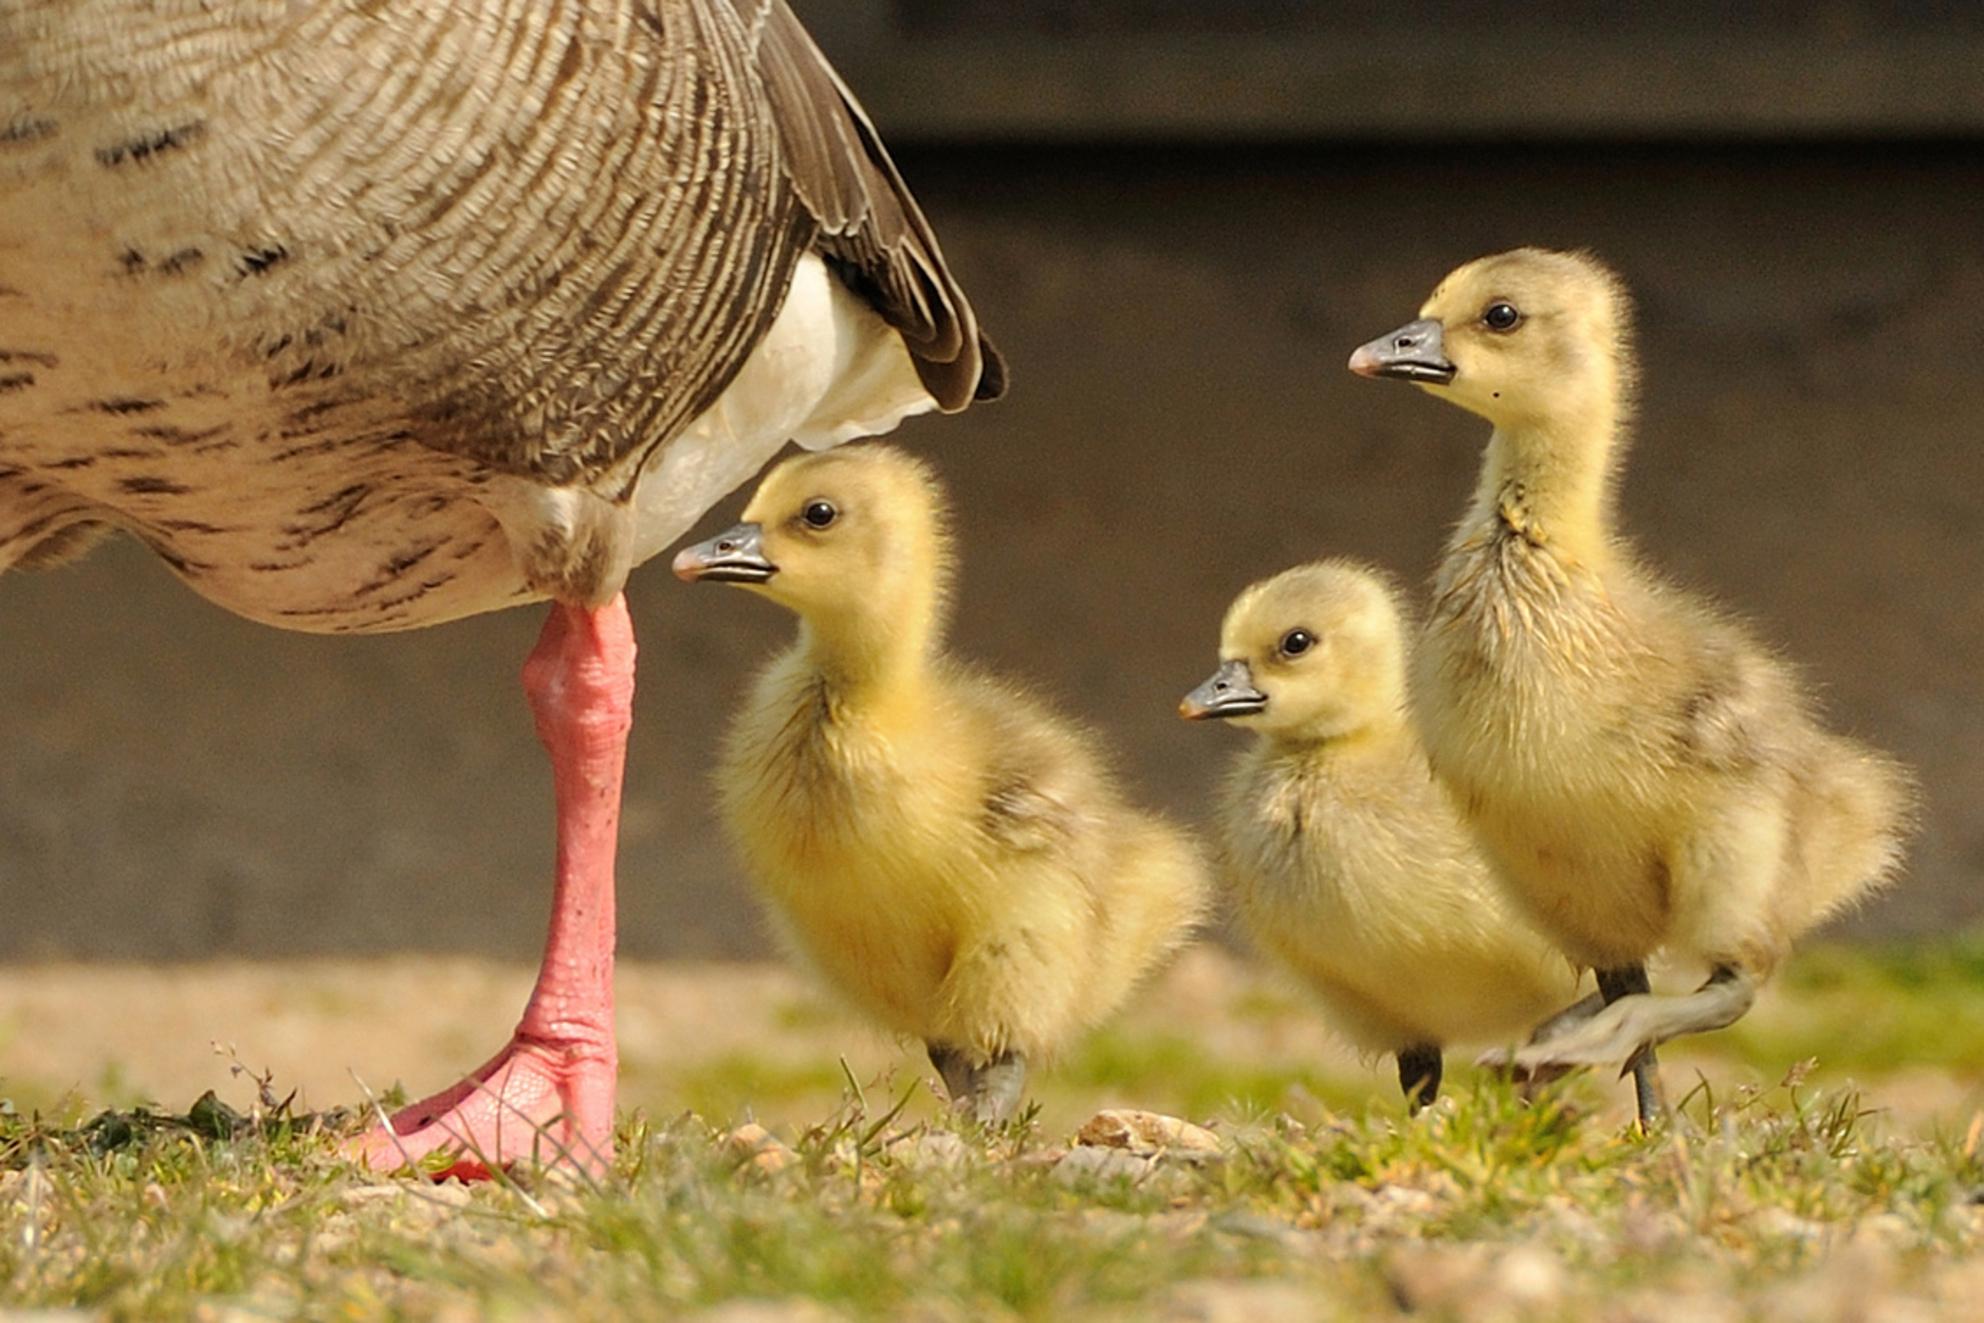 Jonge ganzen - Jonge ganzen volgen de ouders - foto door sukkeltje op 24-04-2011 - deze foto bevat: voorjaar, oostvaardersplassen, pulletjes, Jonge ganzen